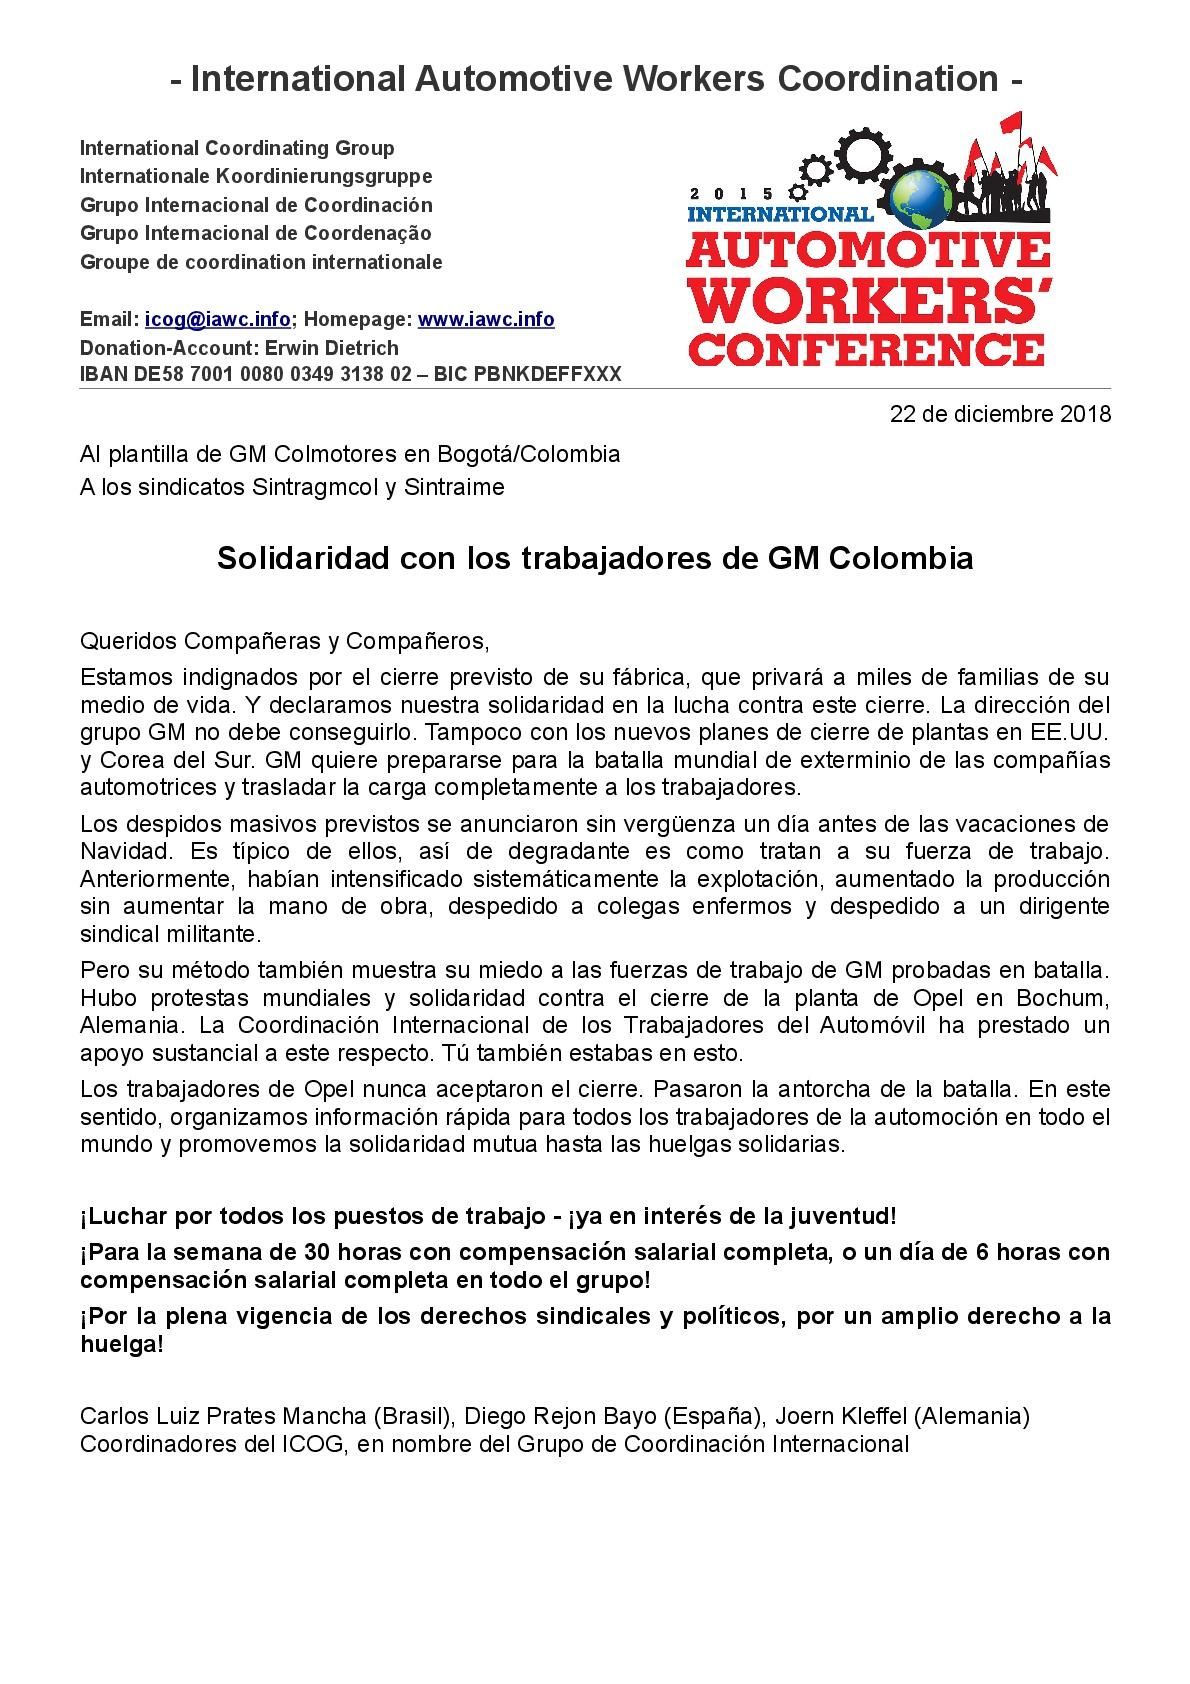 IAC2019_10.040_ES_181222_ICOG_solidaridad con trabajadores de GM Colombia-001